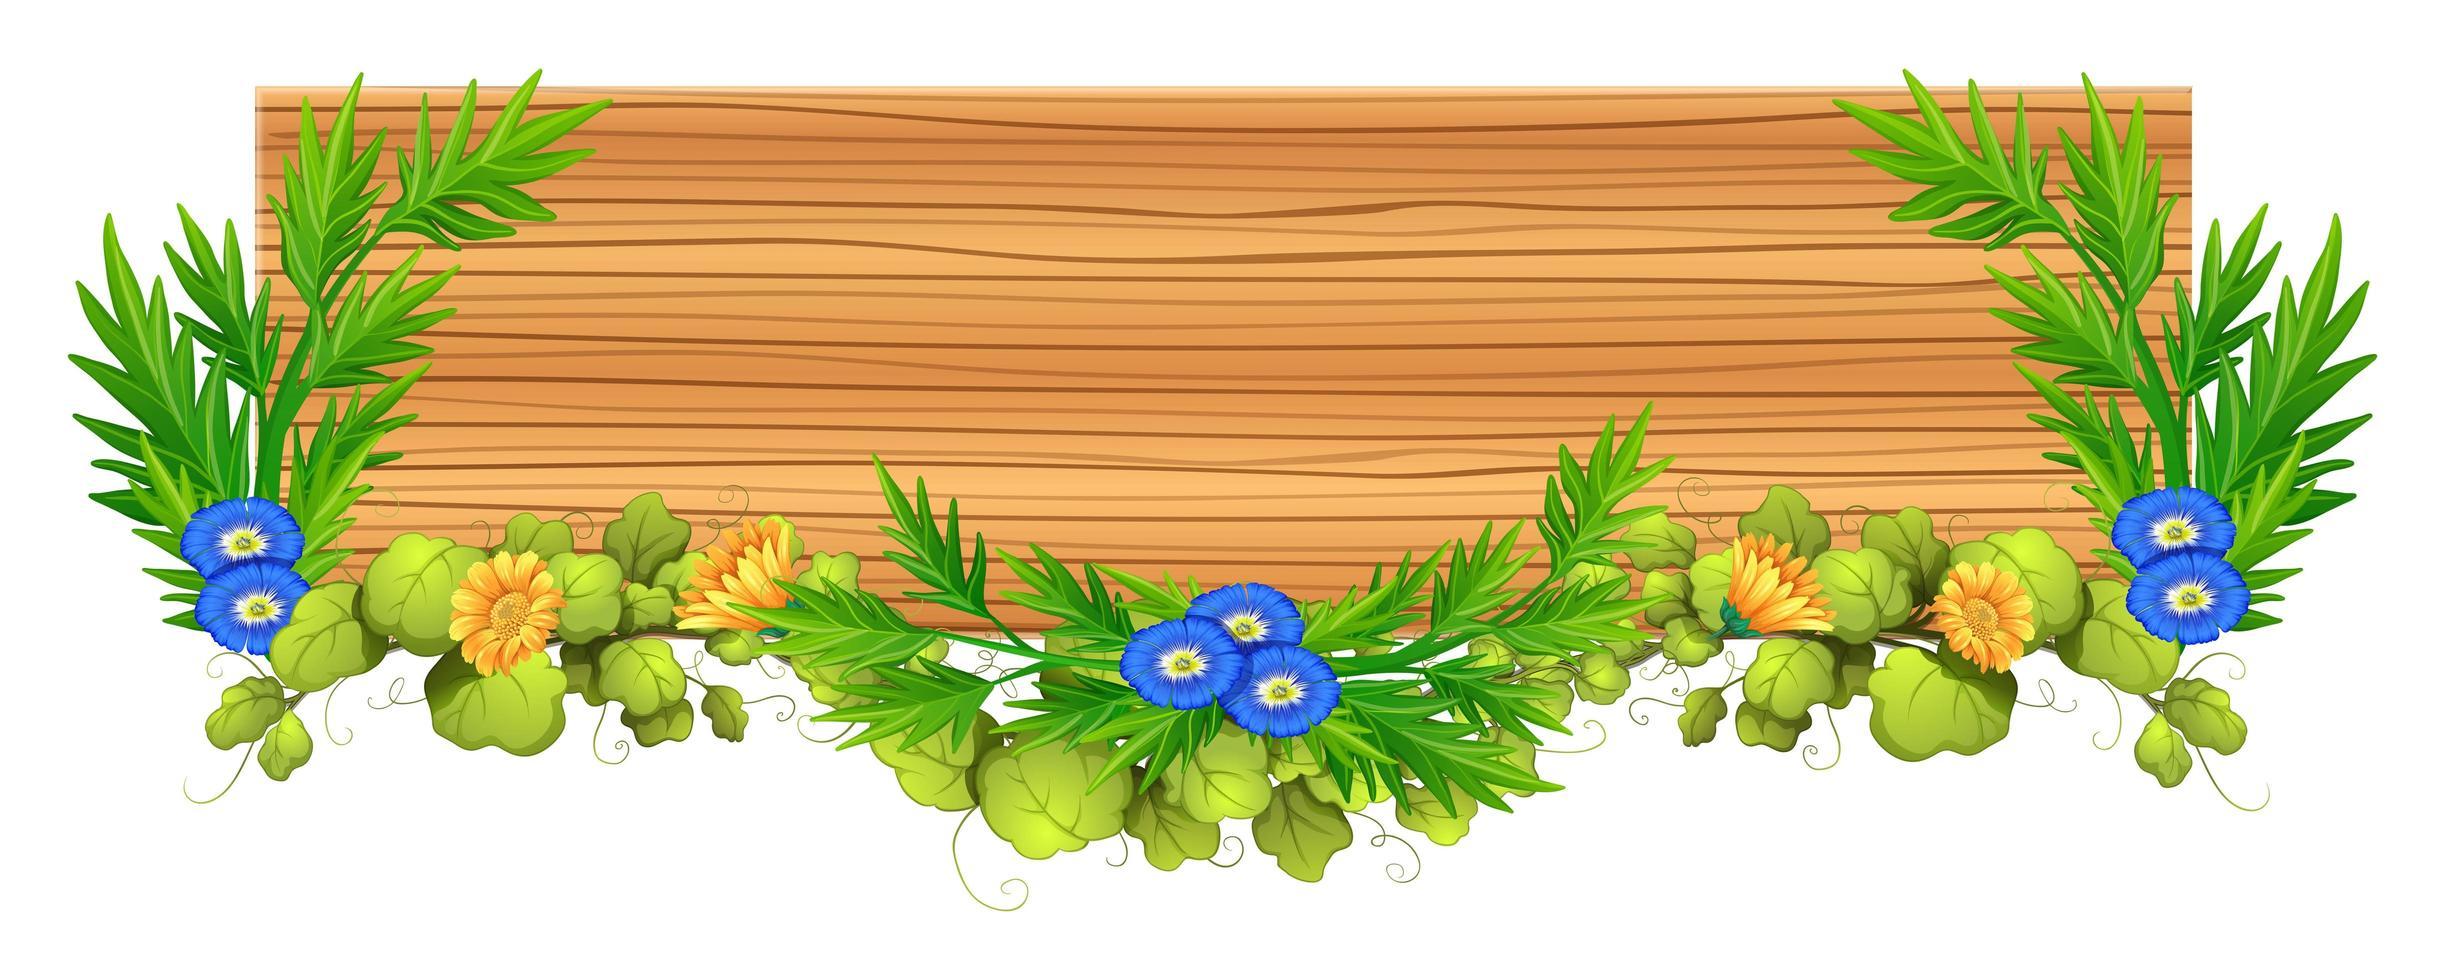 Holzbrett mit Weinstock und Blume vektor